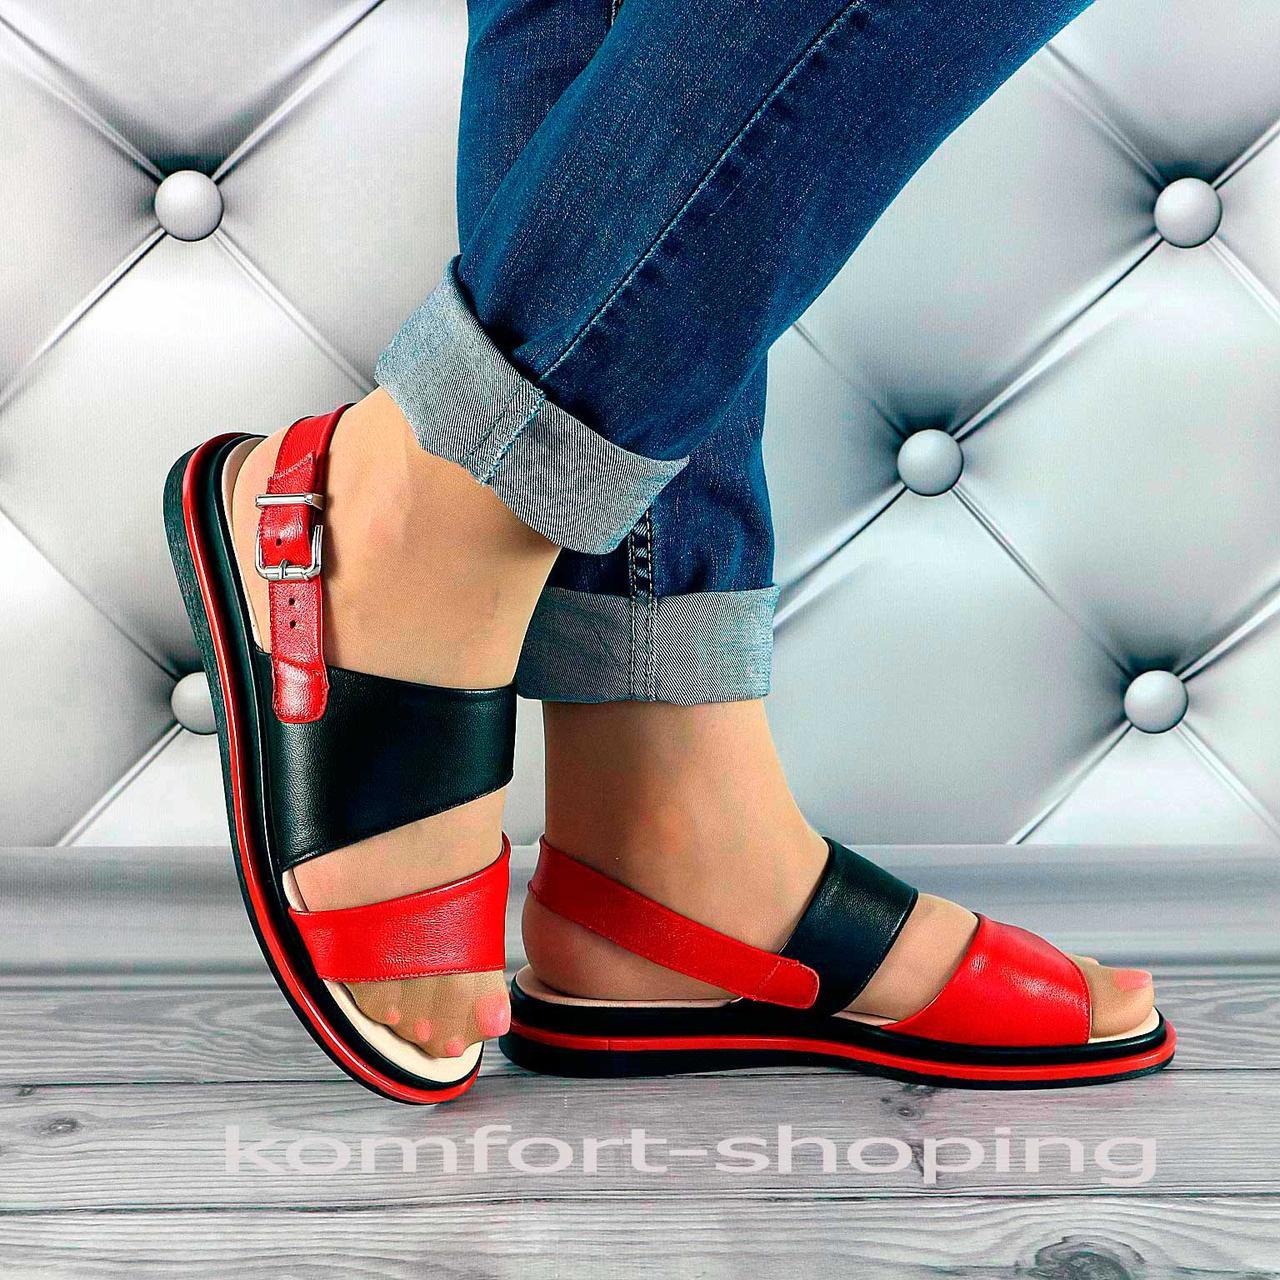 Женские босоножки кожаные, красные+черный V 1302